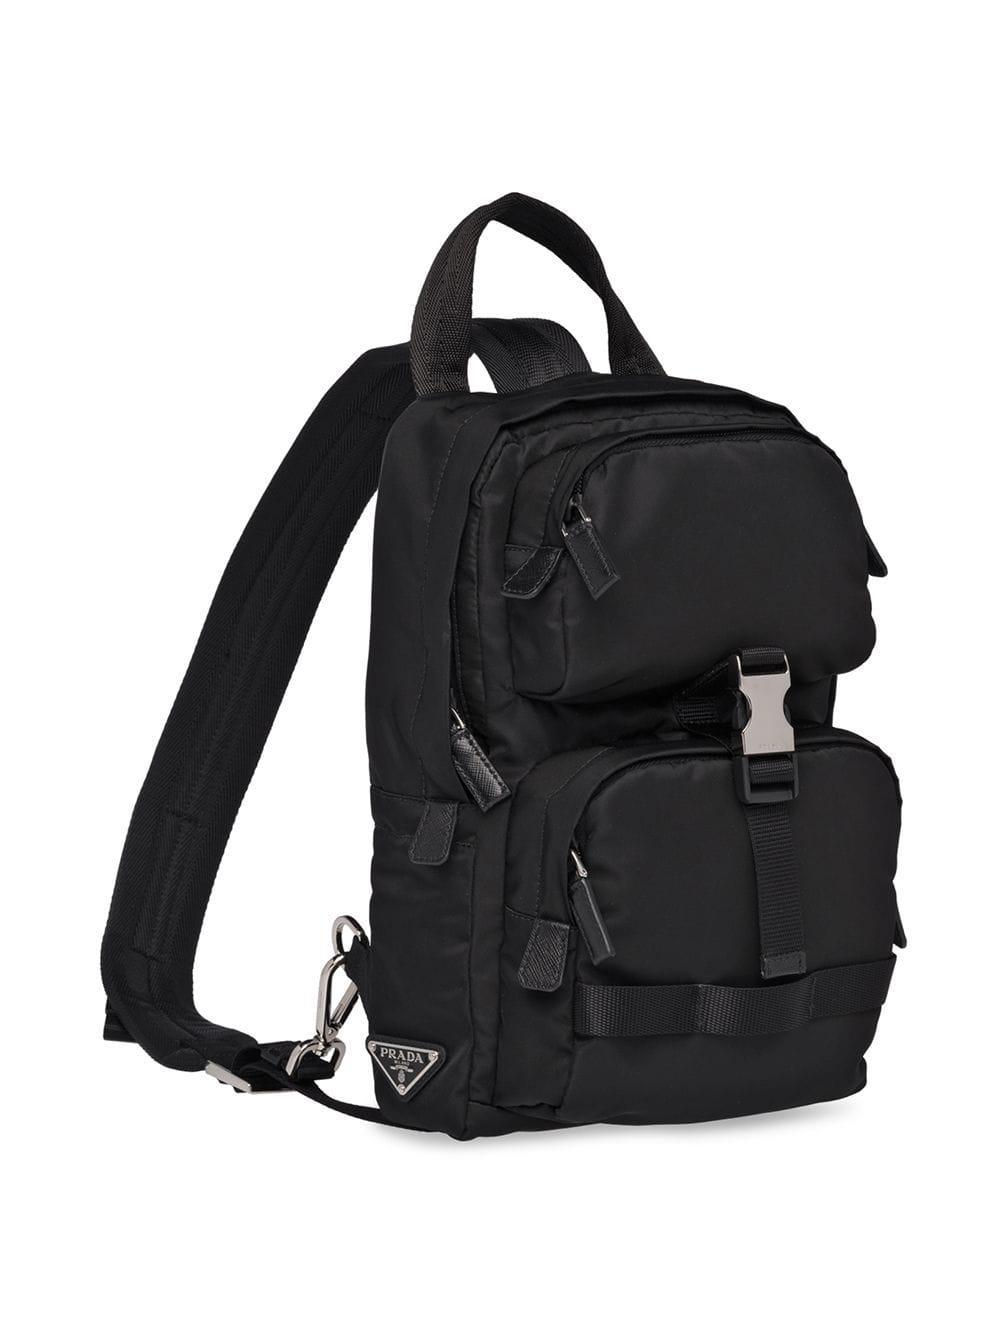 Prada - Black Sac à dos à fermeture à boucle de sécurité for Men - Lyst.  Afficher en plein écran 8511d509f99